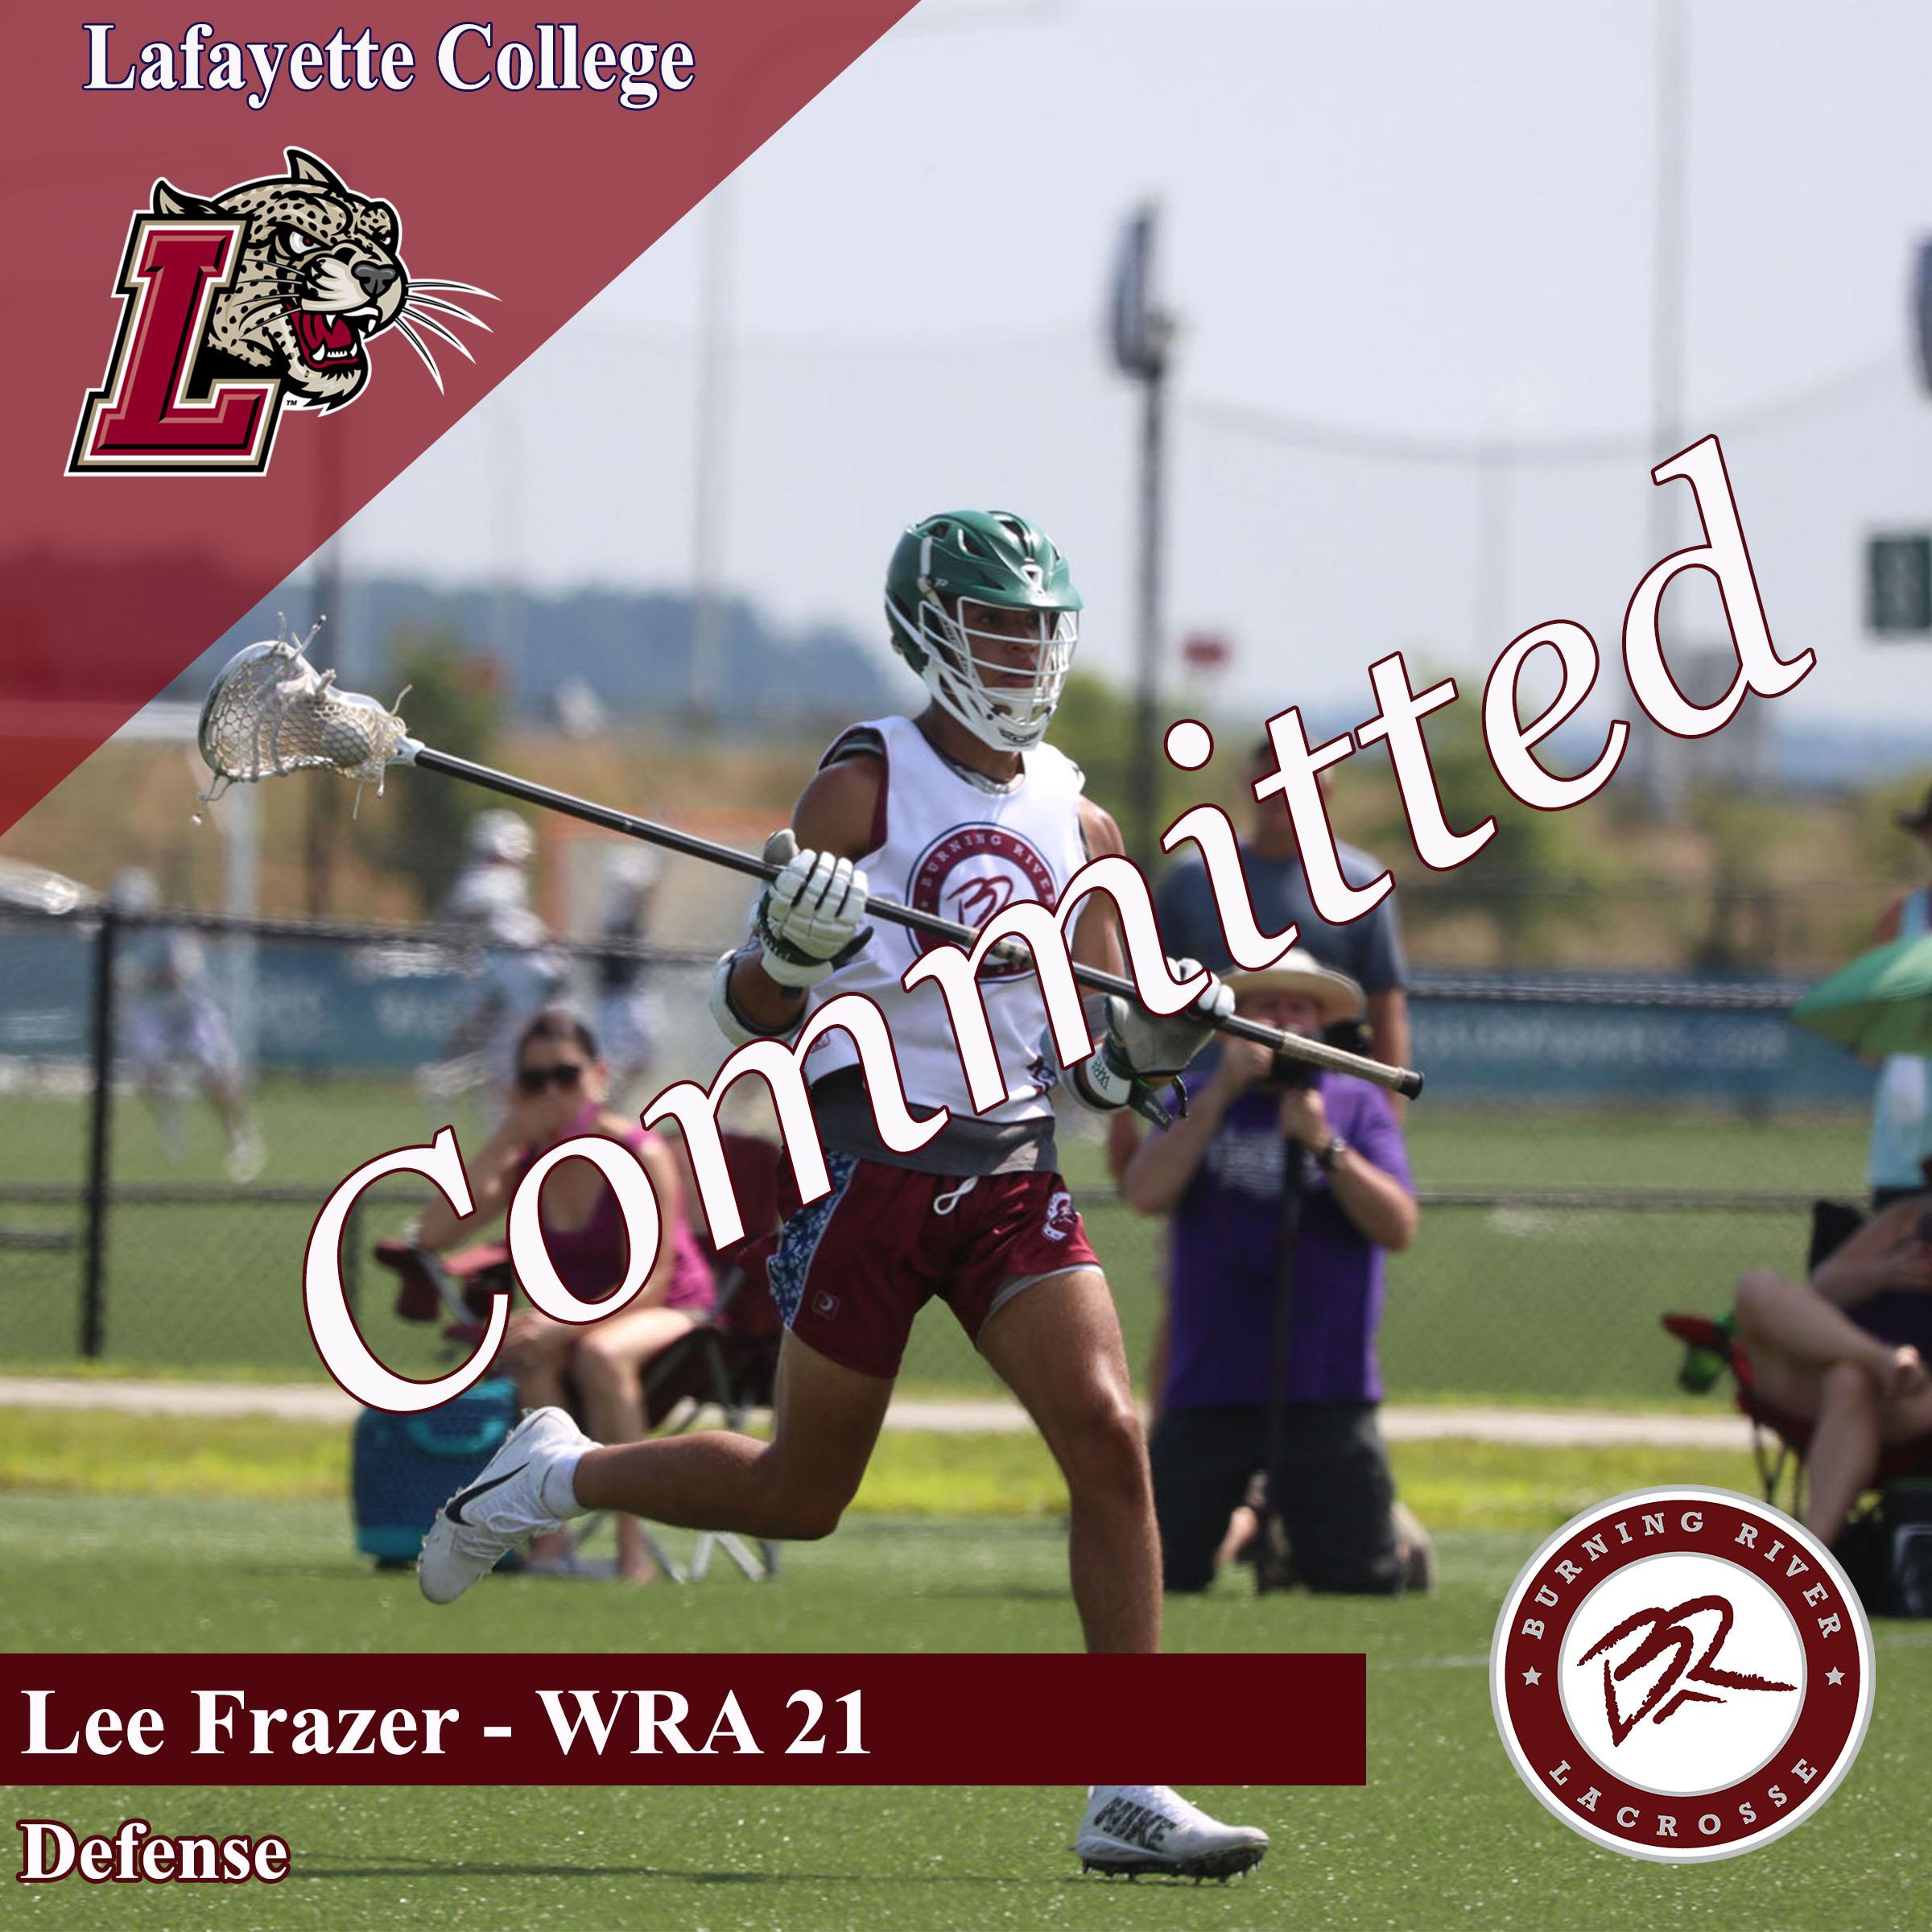 Lee Frazer